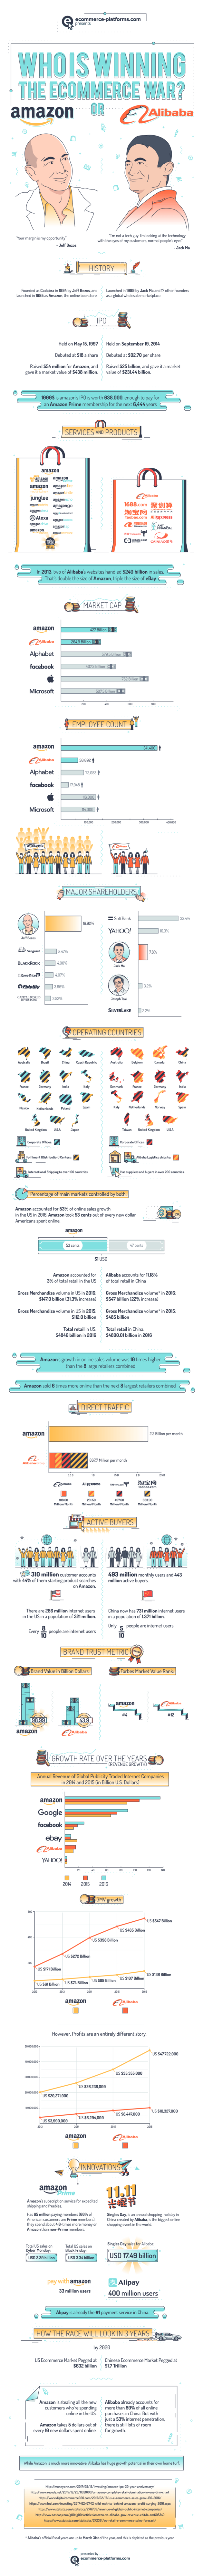 Amazon-or-alibaba-ecommerce-war-infographic